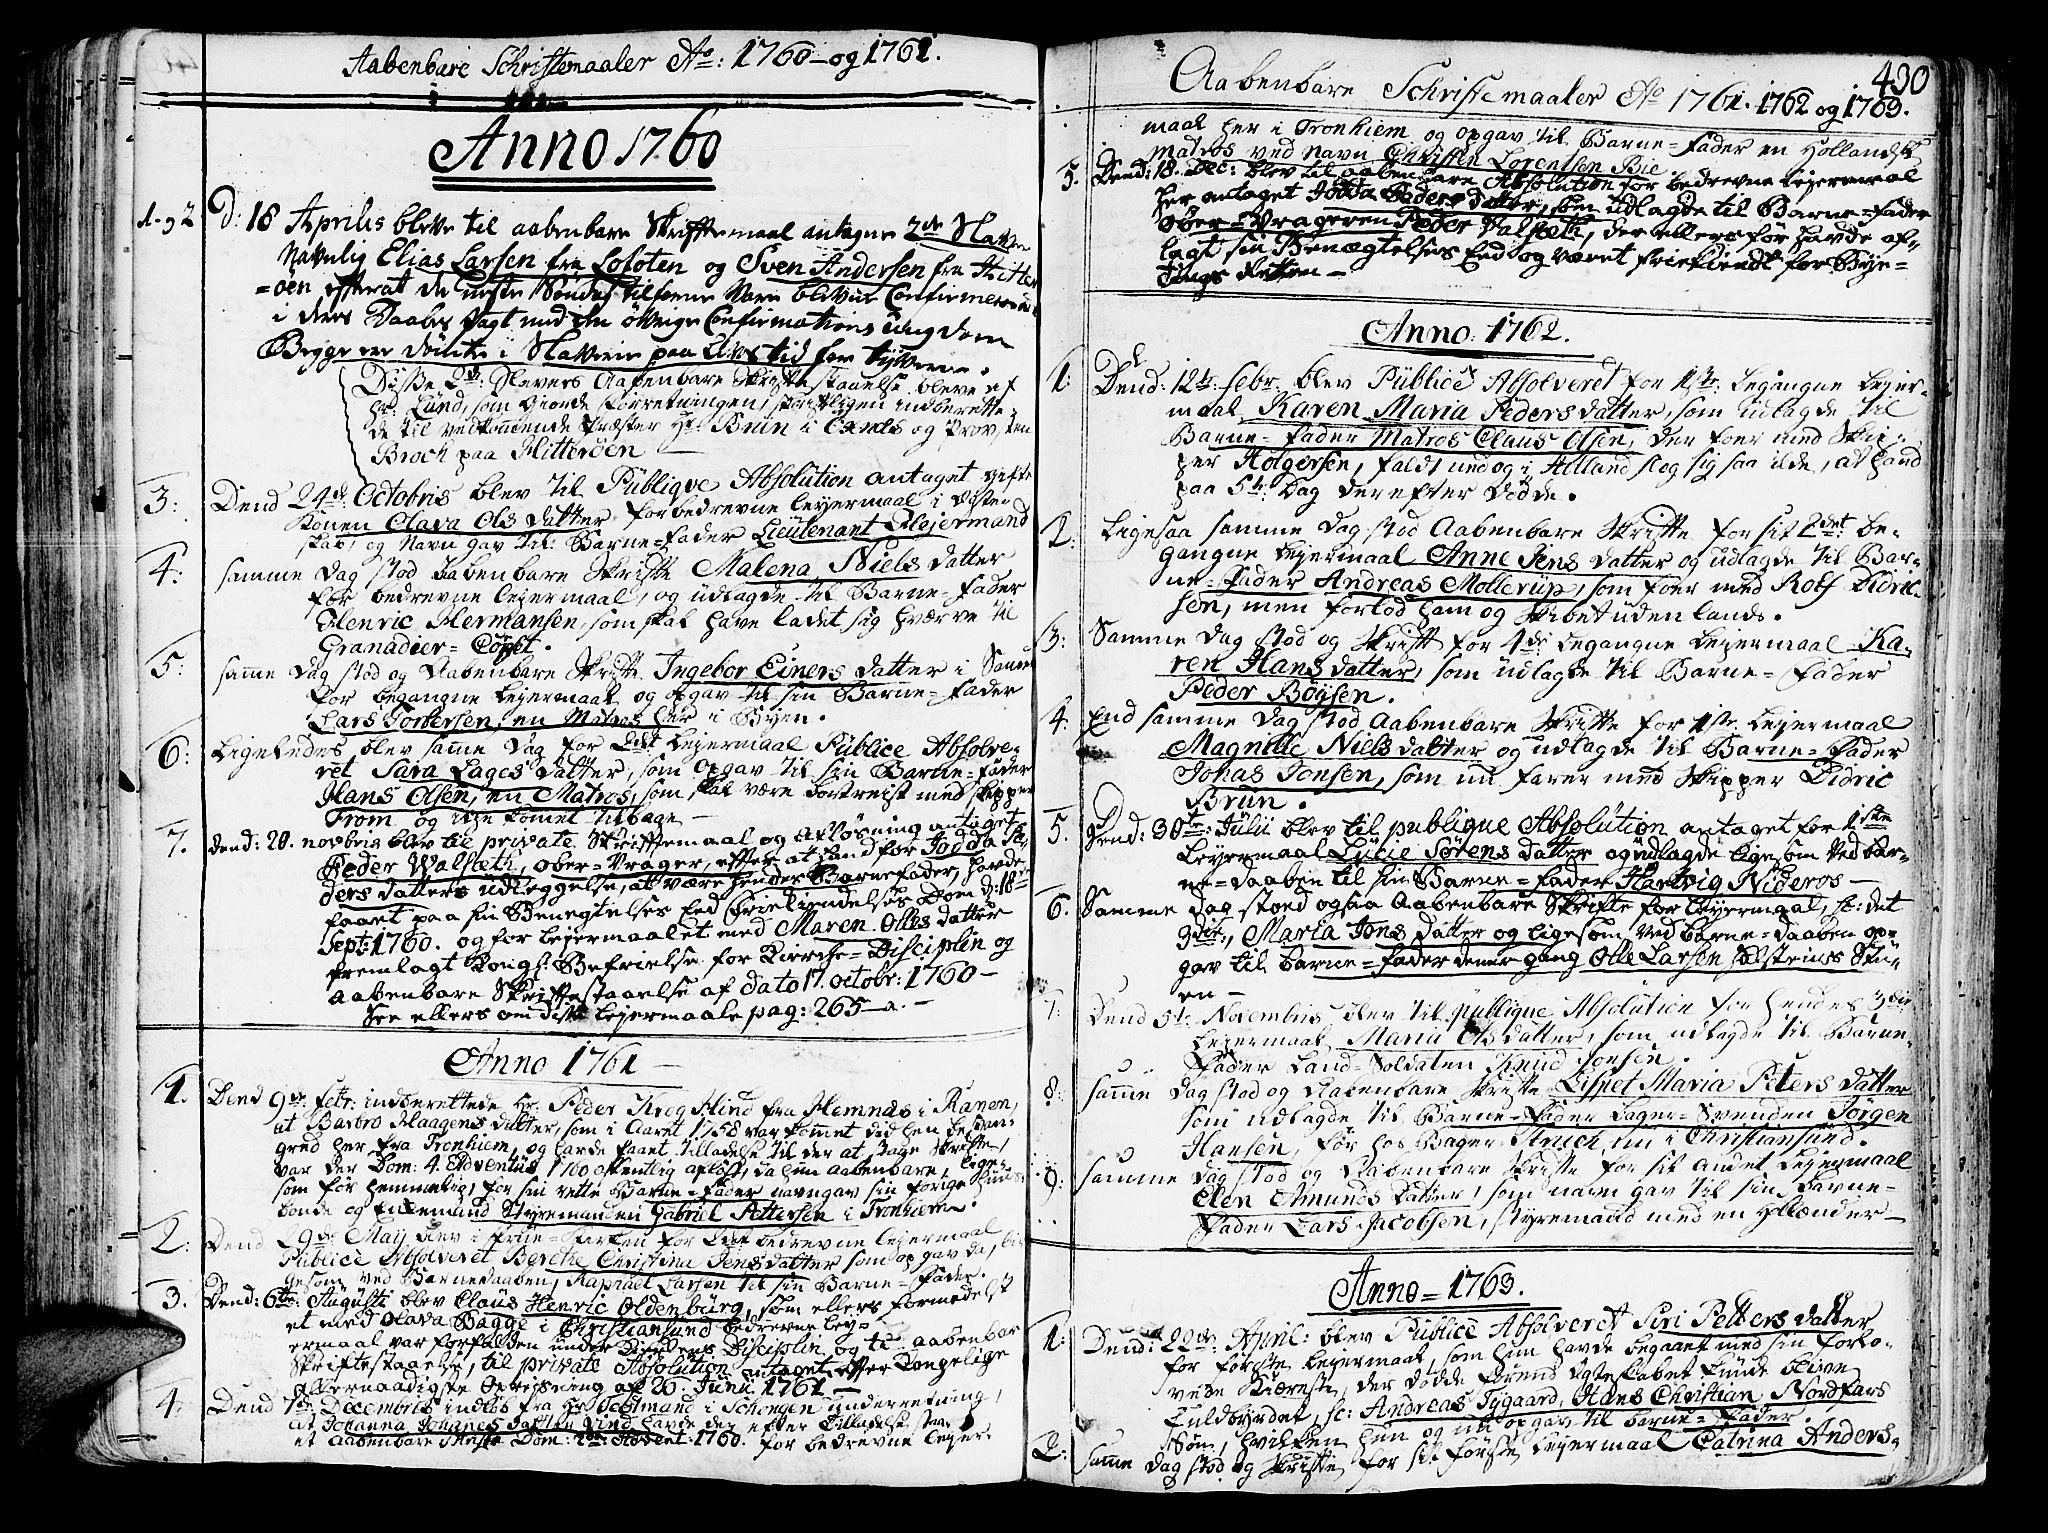 SAT, Ministerialprotokoller, klokkerbøker og fødselsregistre - Sør-Trøndelag, 602/L0103: Ministerialbok nr. 602A01, 1732-1774, s. 430